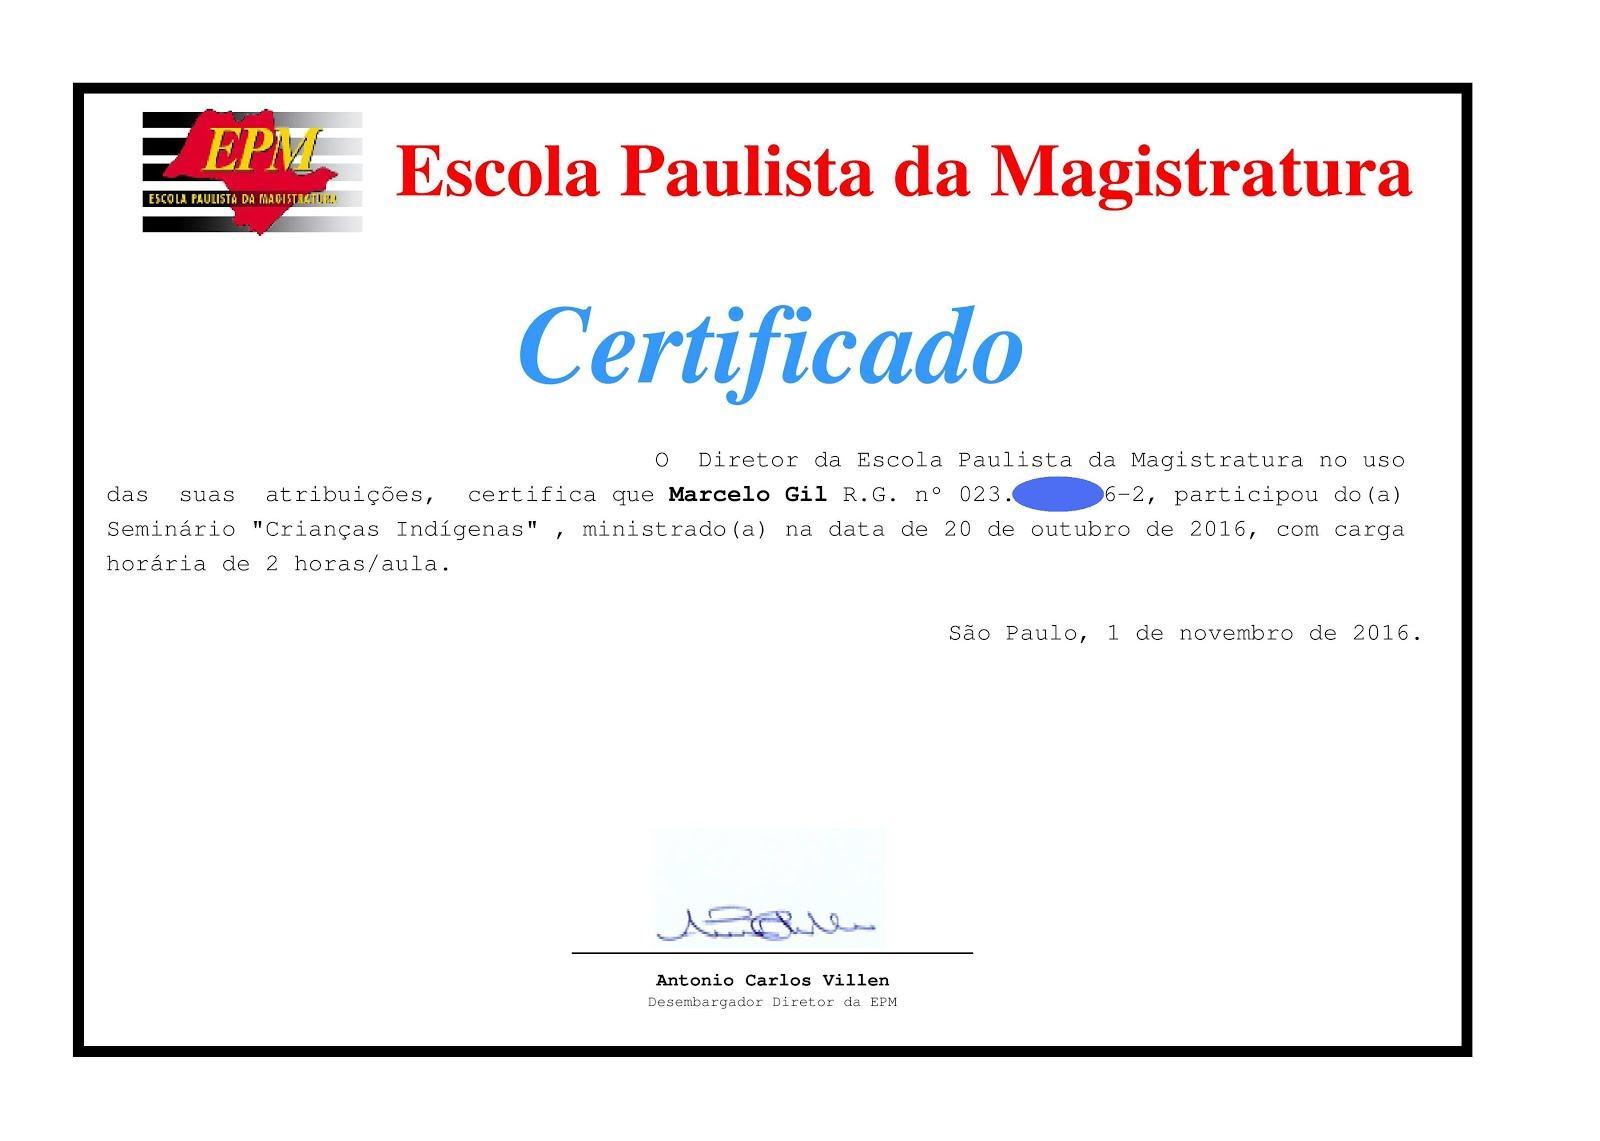 CERTIFICADO DE PARTICIPAÇÃO DO CICLO DE PALESTRAS DA ESCOLA PAULISTA DE MAGISTRATURA = Outubro 2016